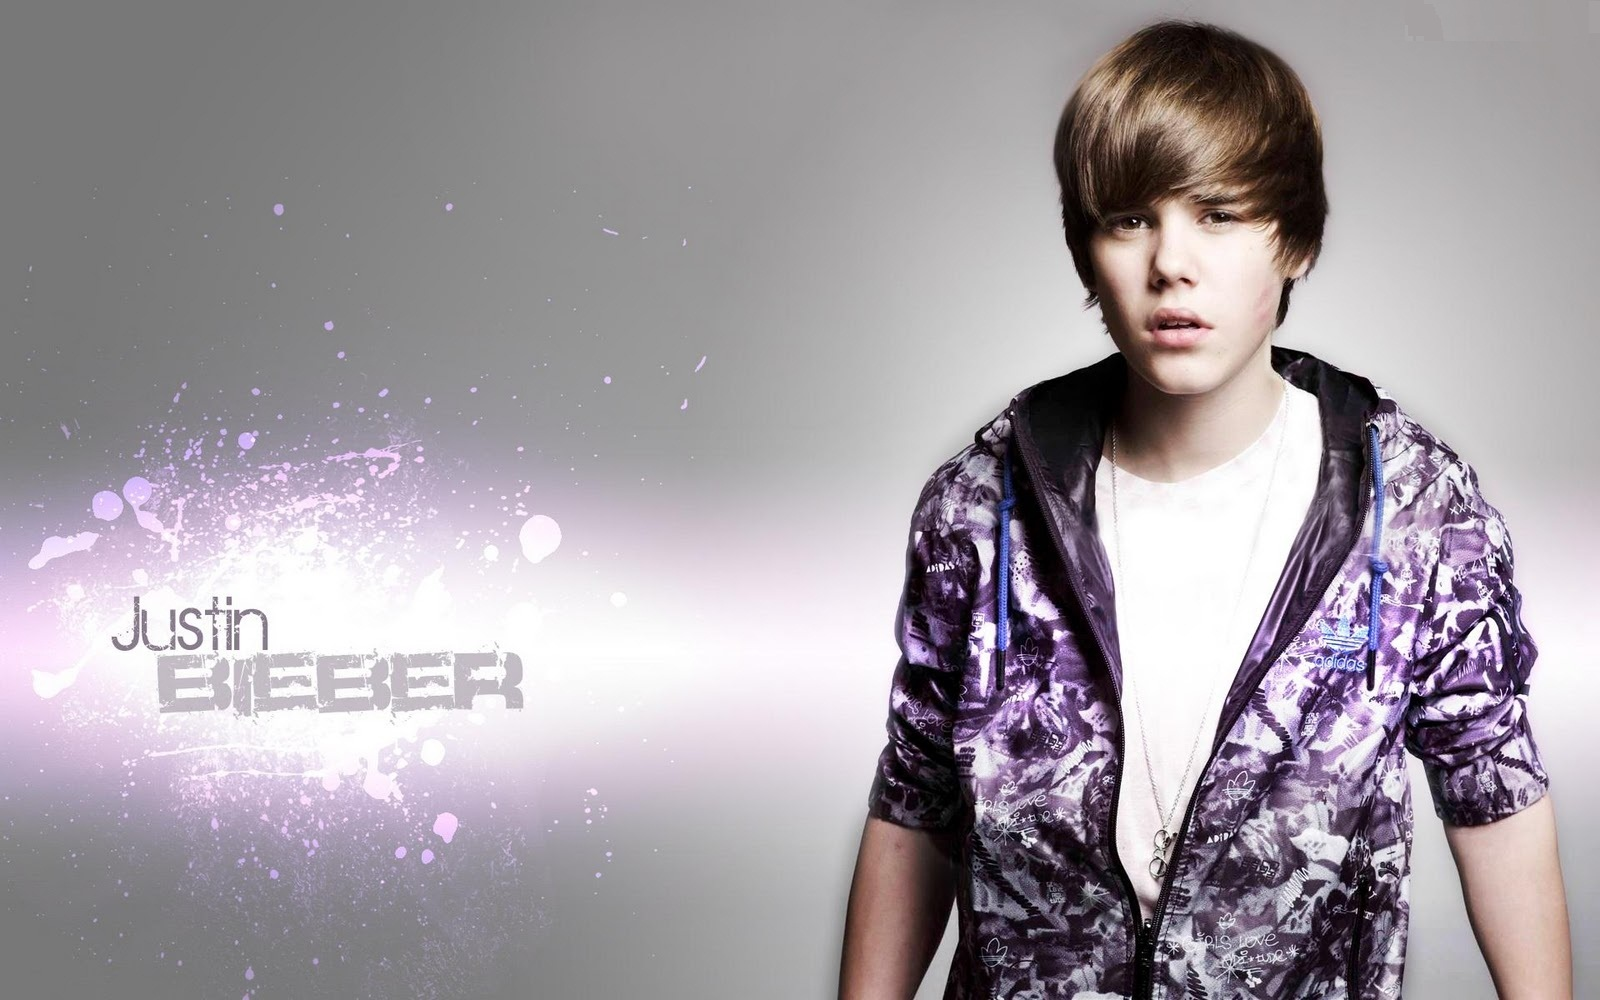 http://3.bp.blogspot.com/-WCvQ-AGv3A4/T0E1Ed2RAAI/AAAAAAAAMT8/mCHypXxtoHE/s1600/Justin-Bieber-New-2012-Wallpapers-04.jpg